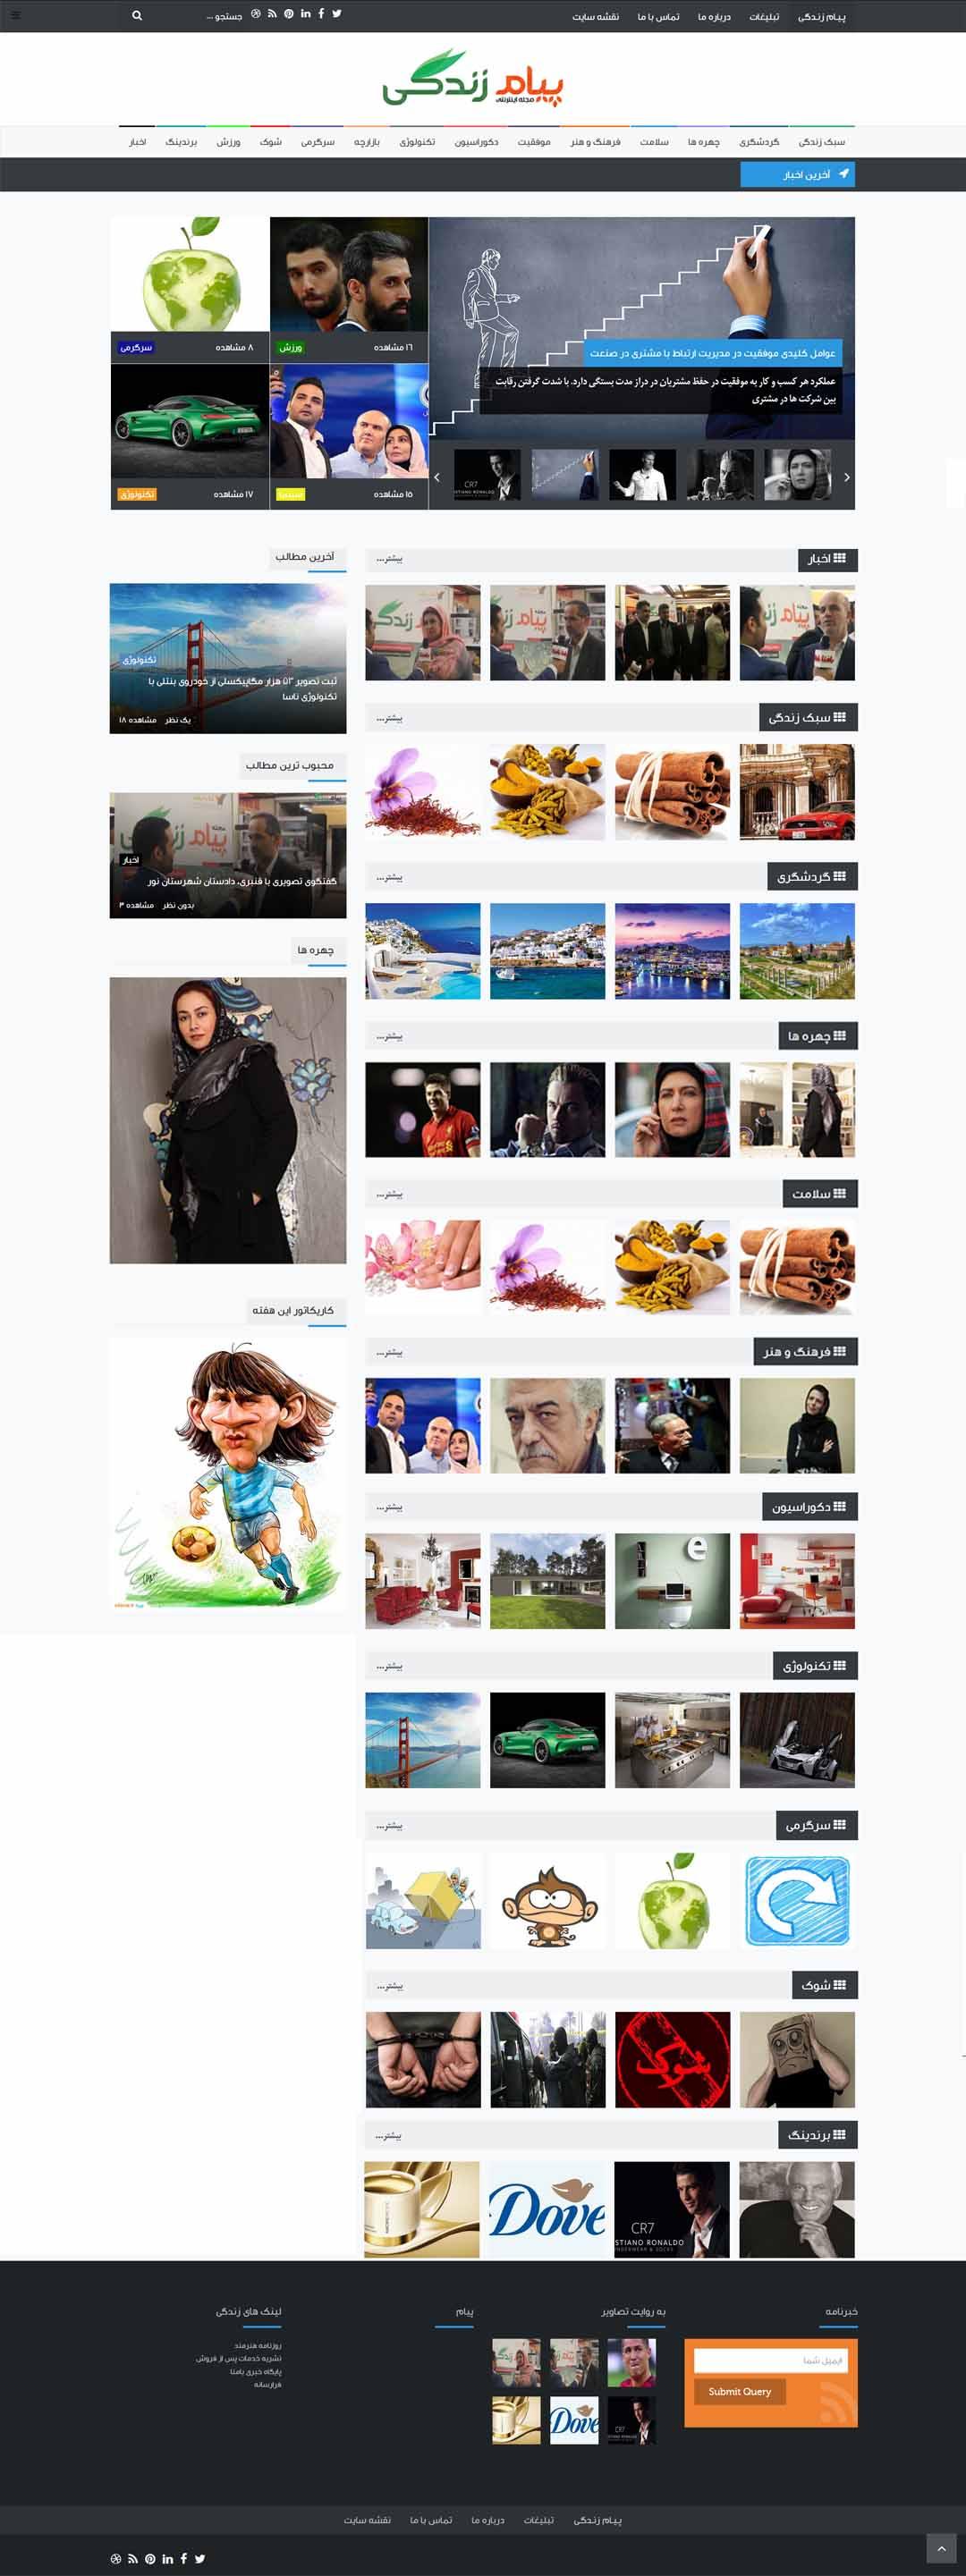 وب سایت مجله خبری پیام زندگی